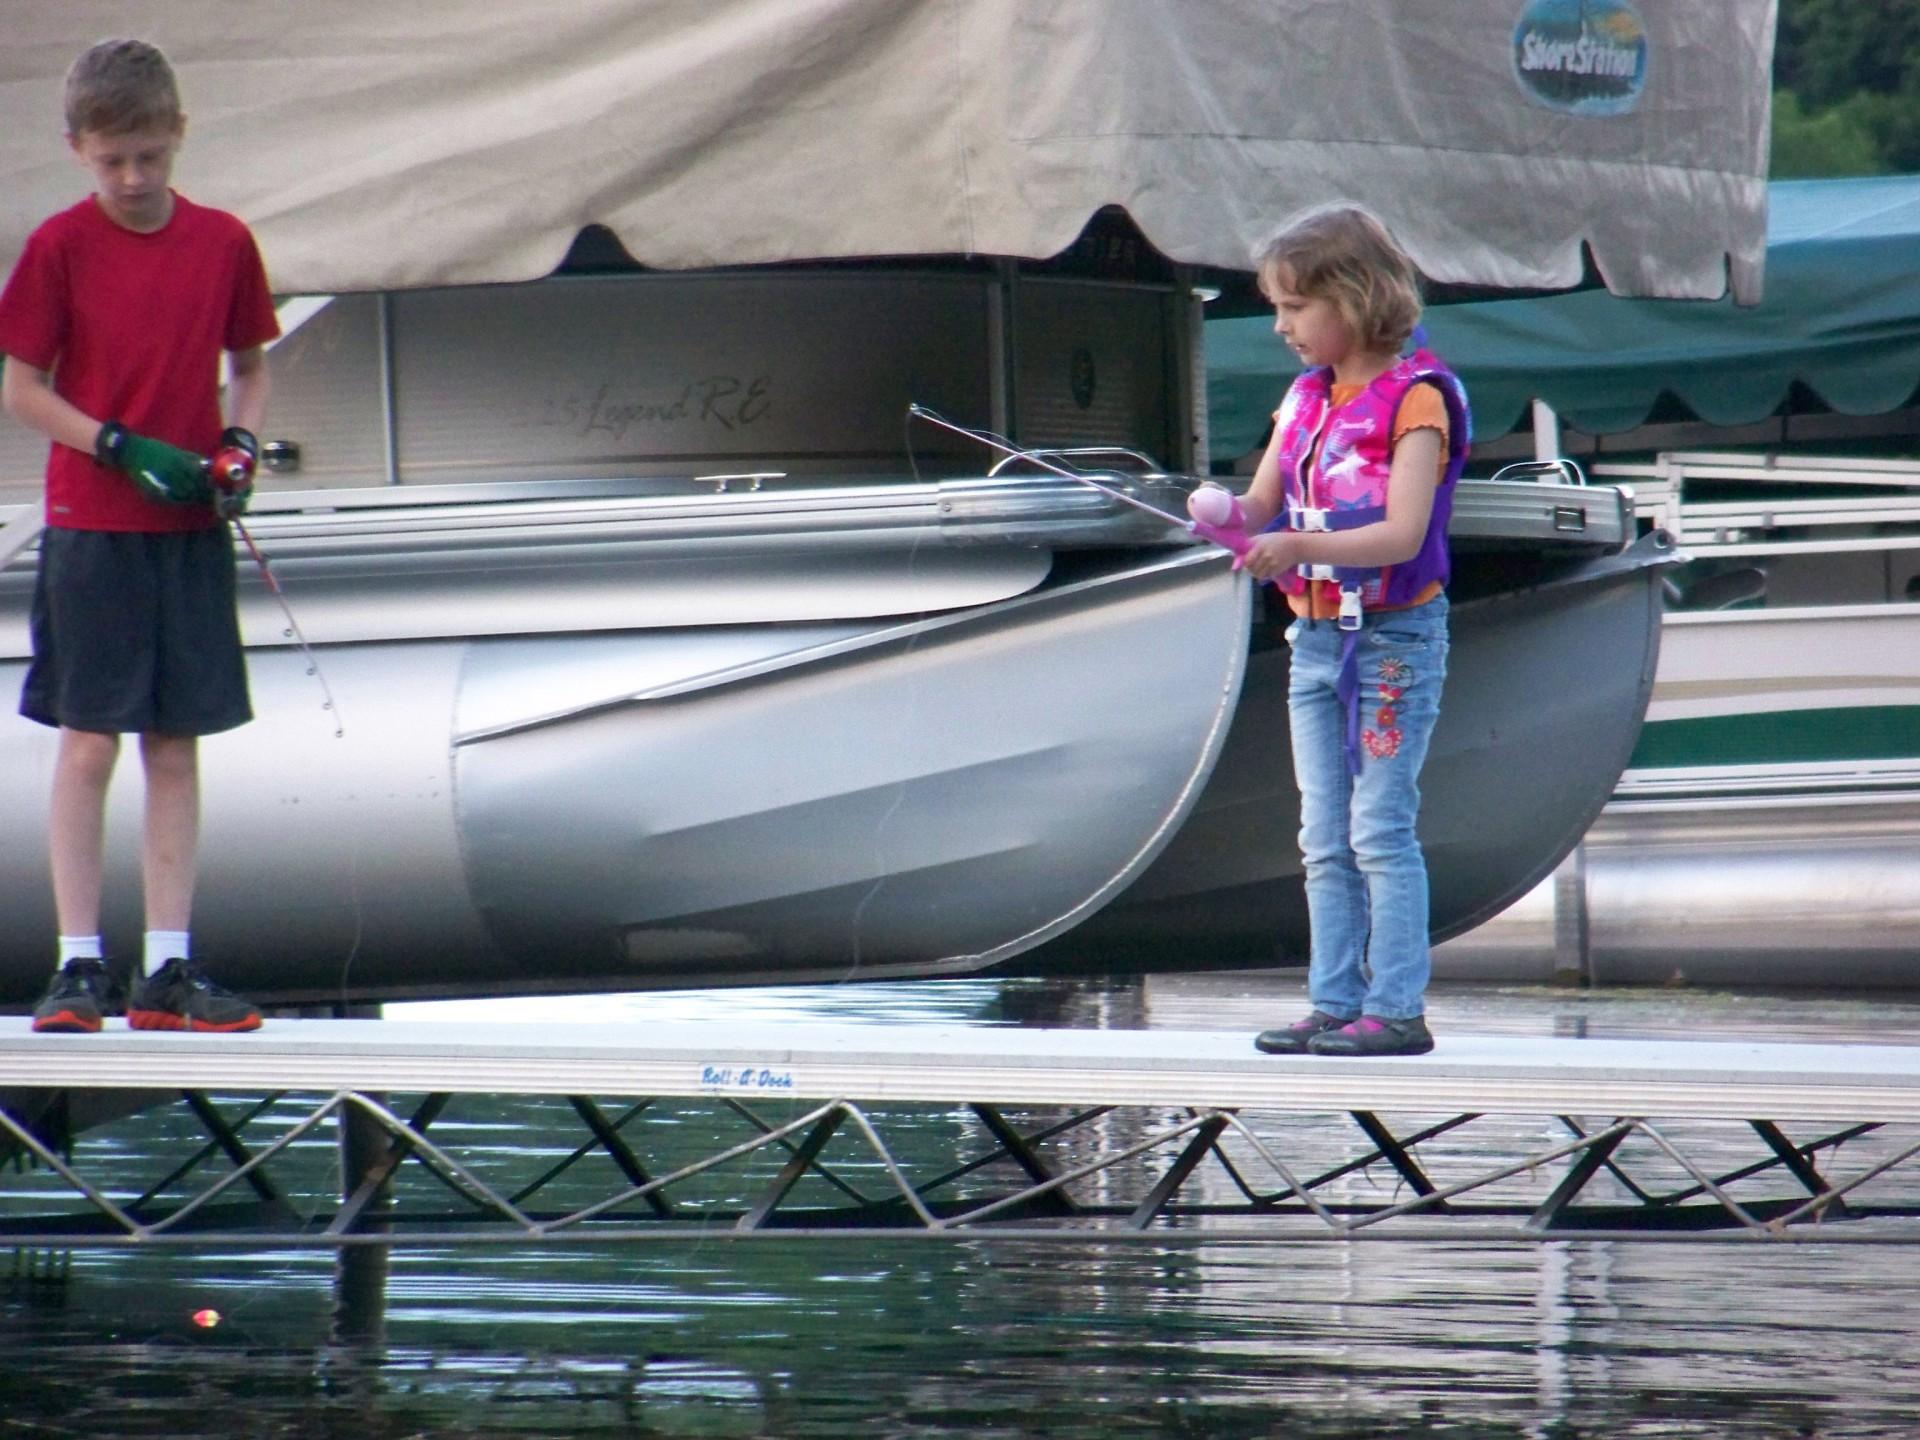 Fishing off the neighbors dock - 2014